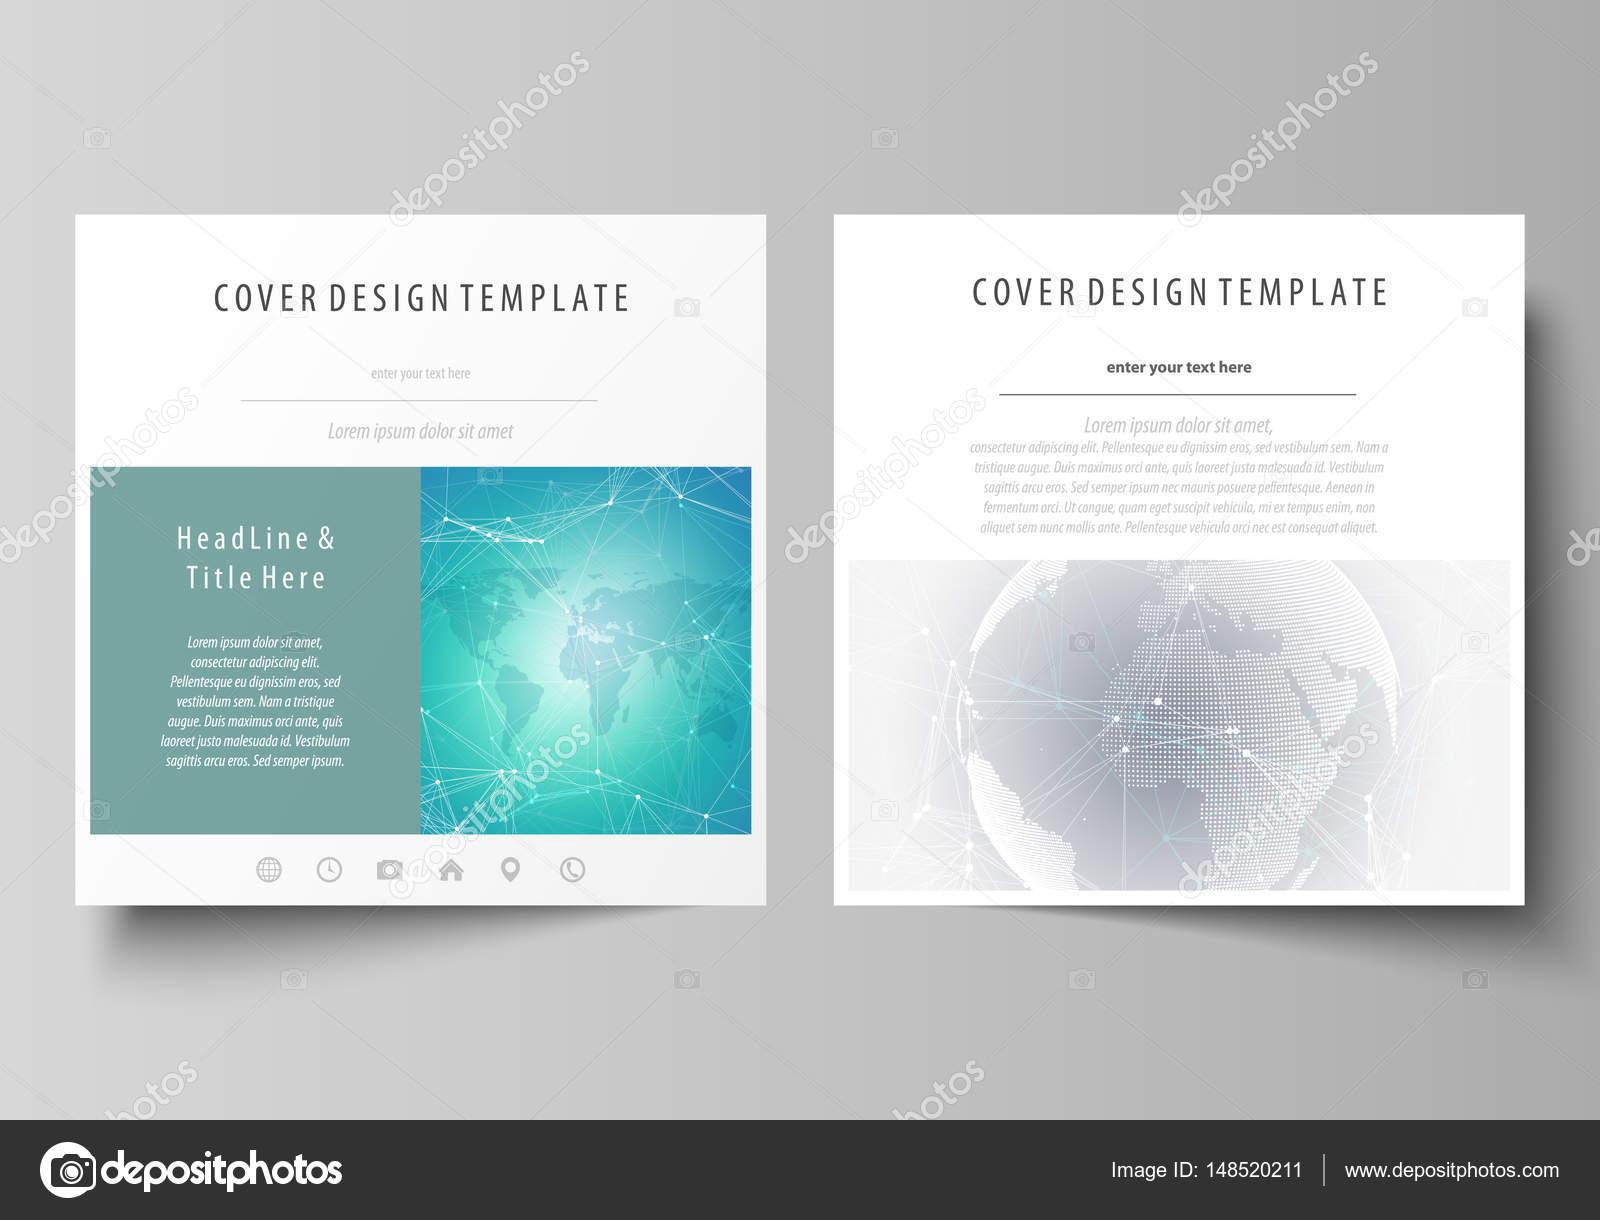 la ilustración vectorial minimalista de diseño editable de formato